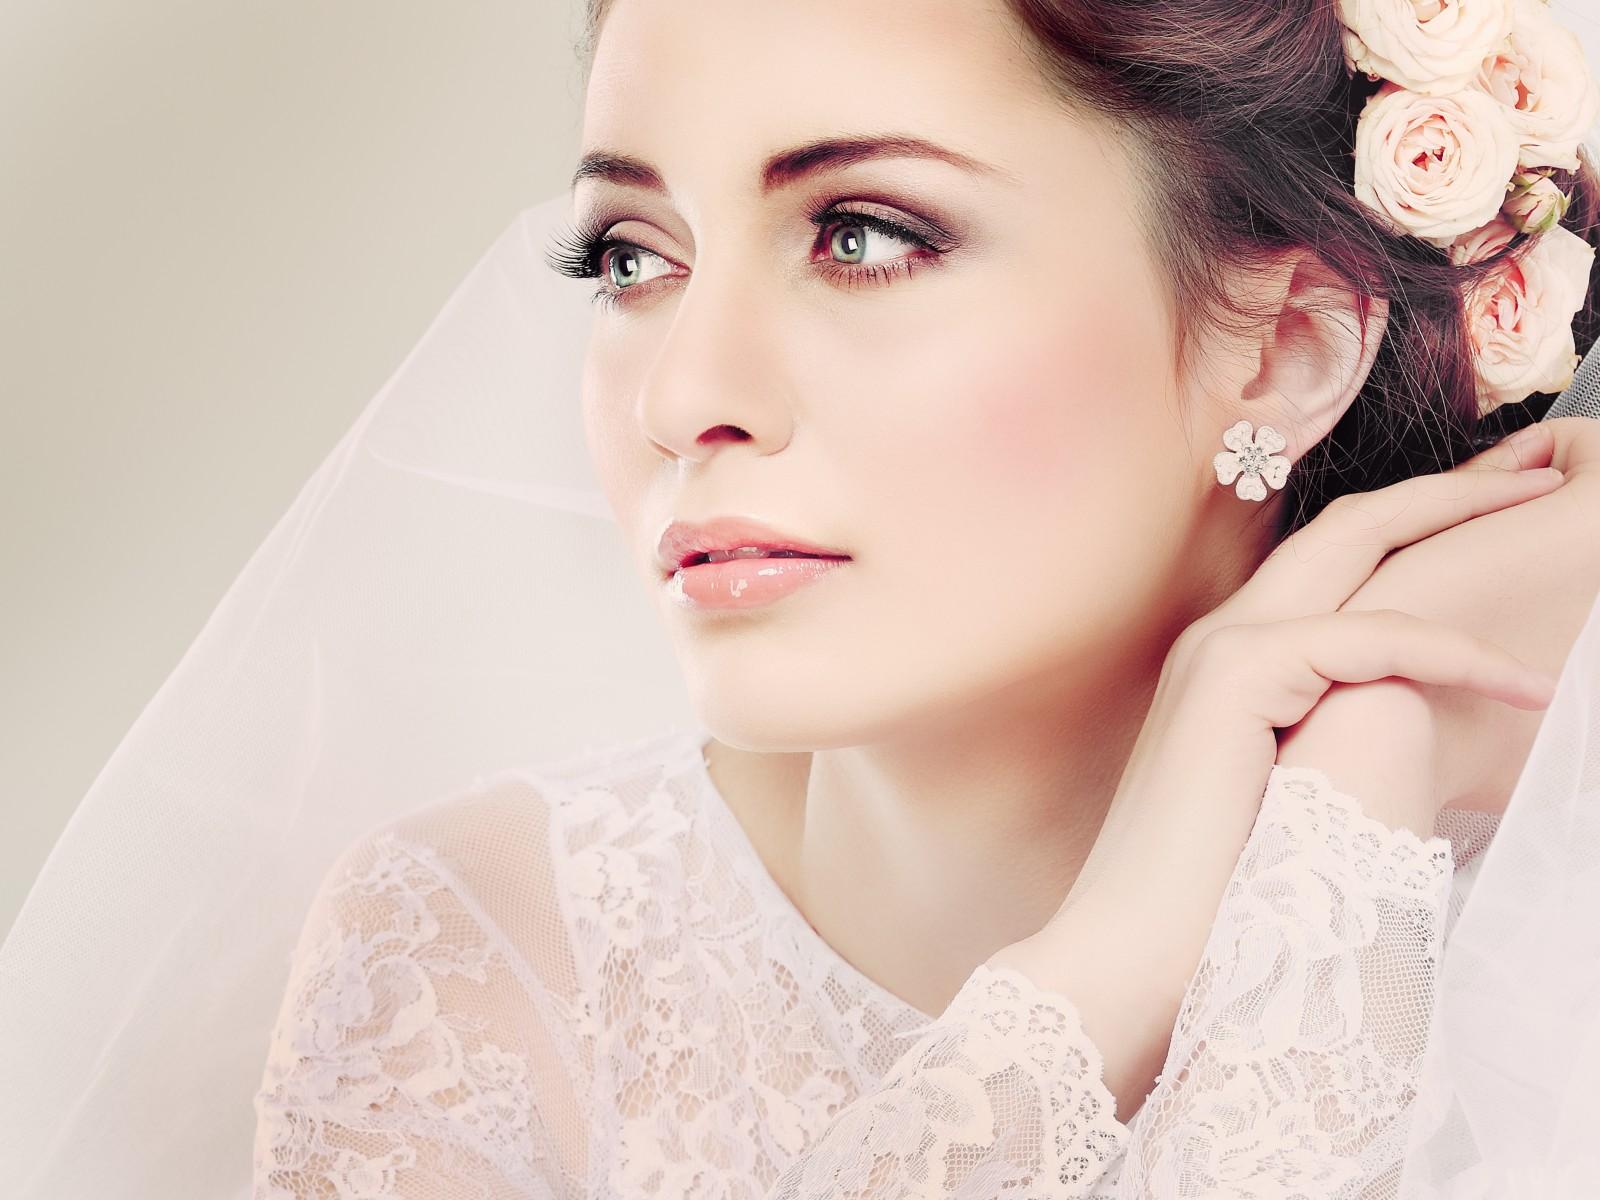 Макияж свадебный фото крупным планом